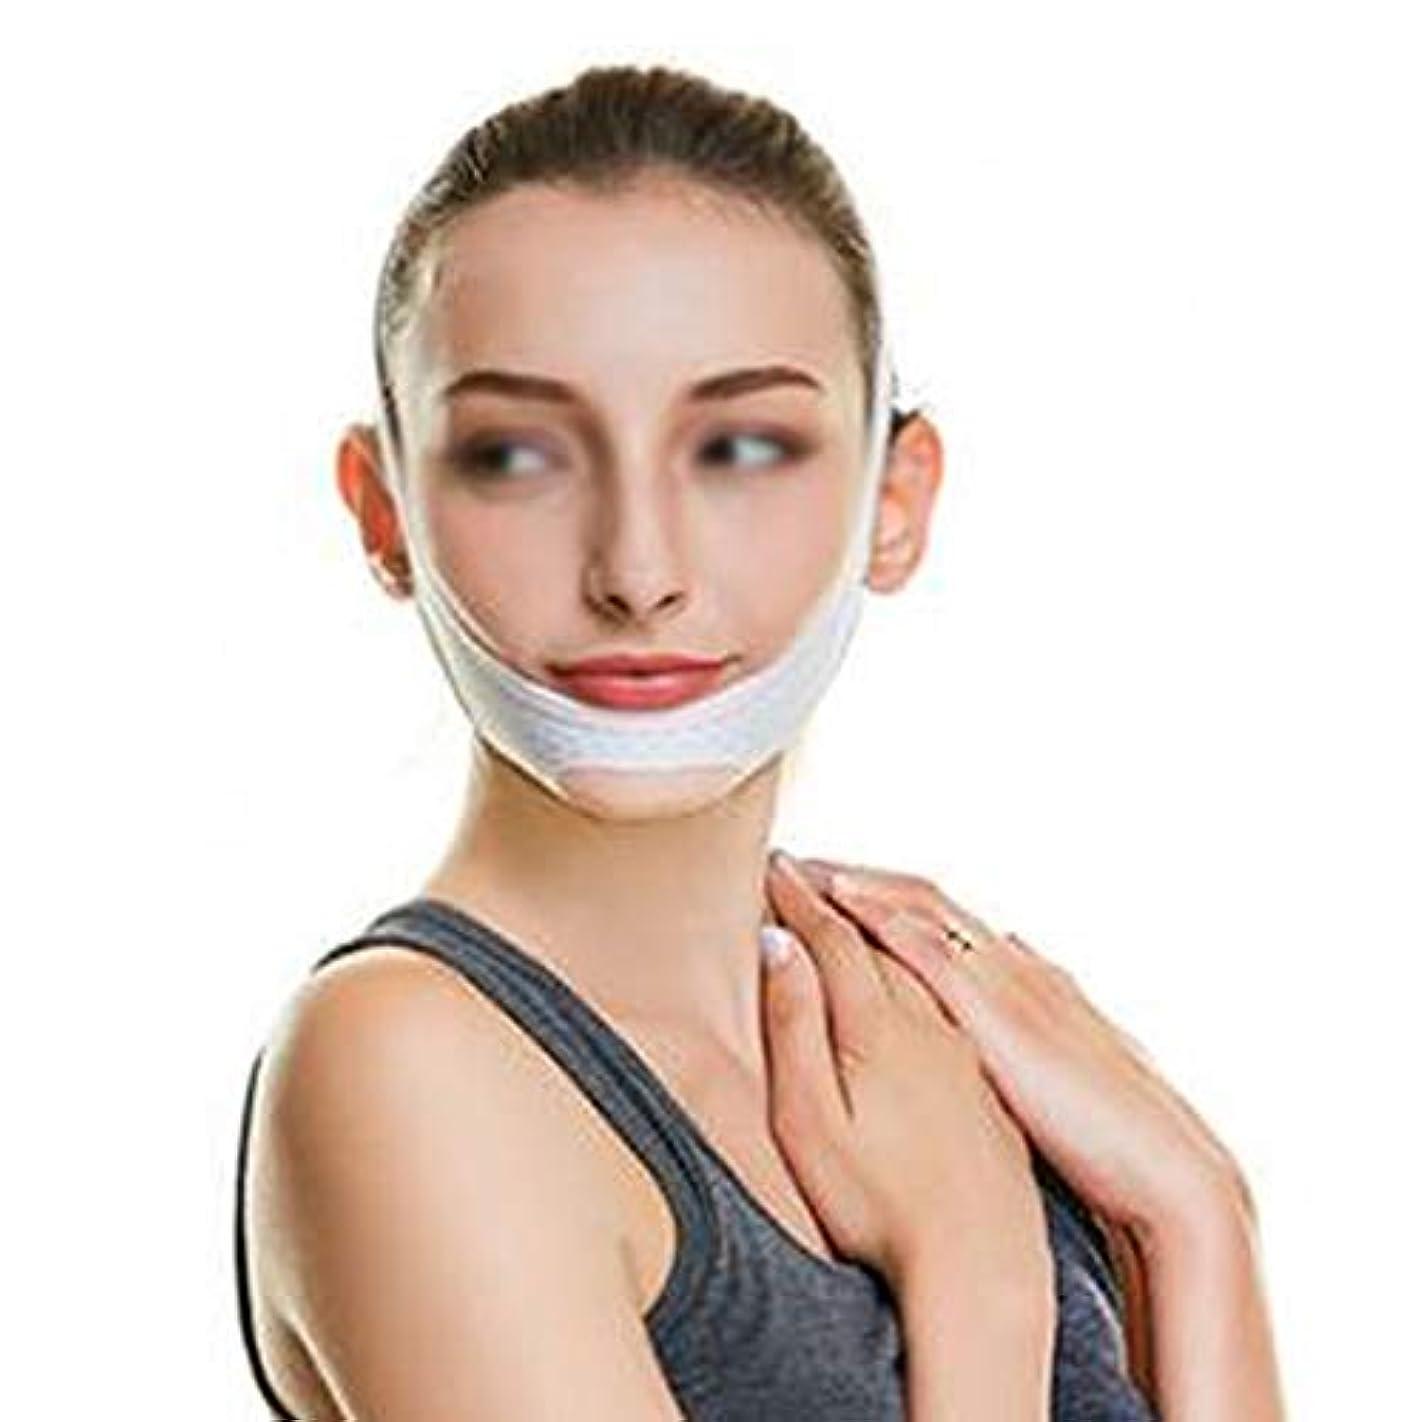 なにリブファイナンスZWBD フェイスマスク, Vフェイスアーティファクトメロンフェイスバンデージマスクを使用した薄顔